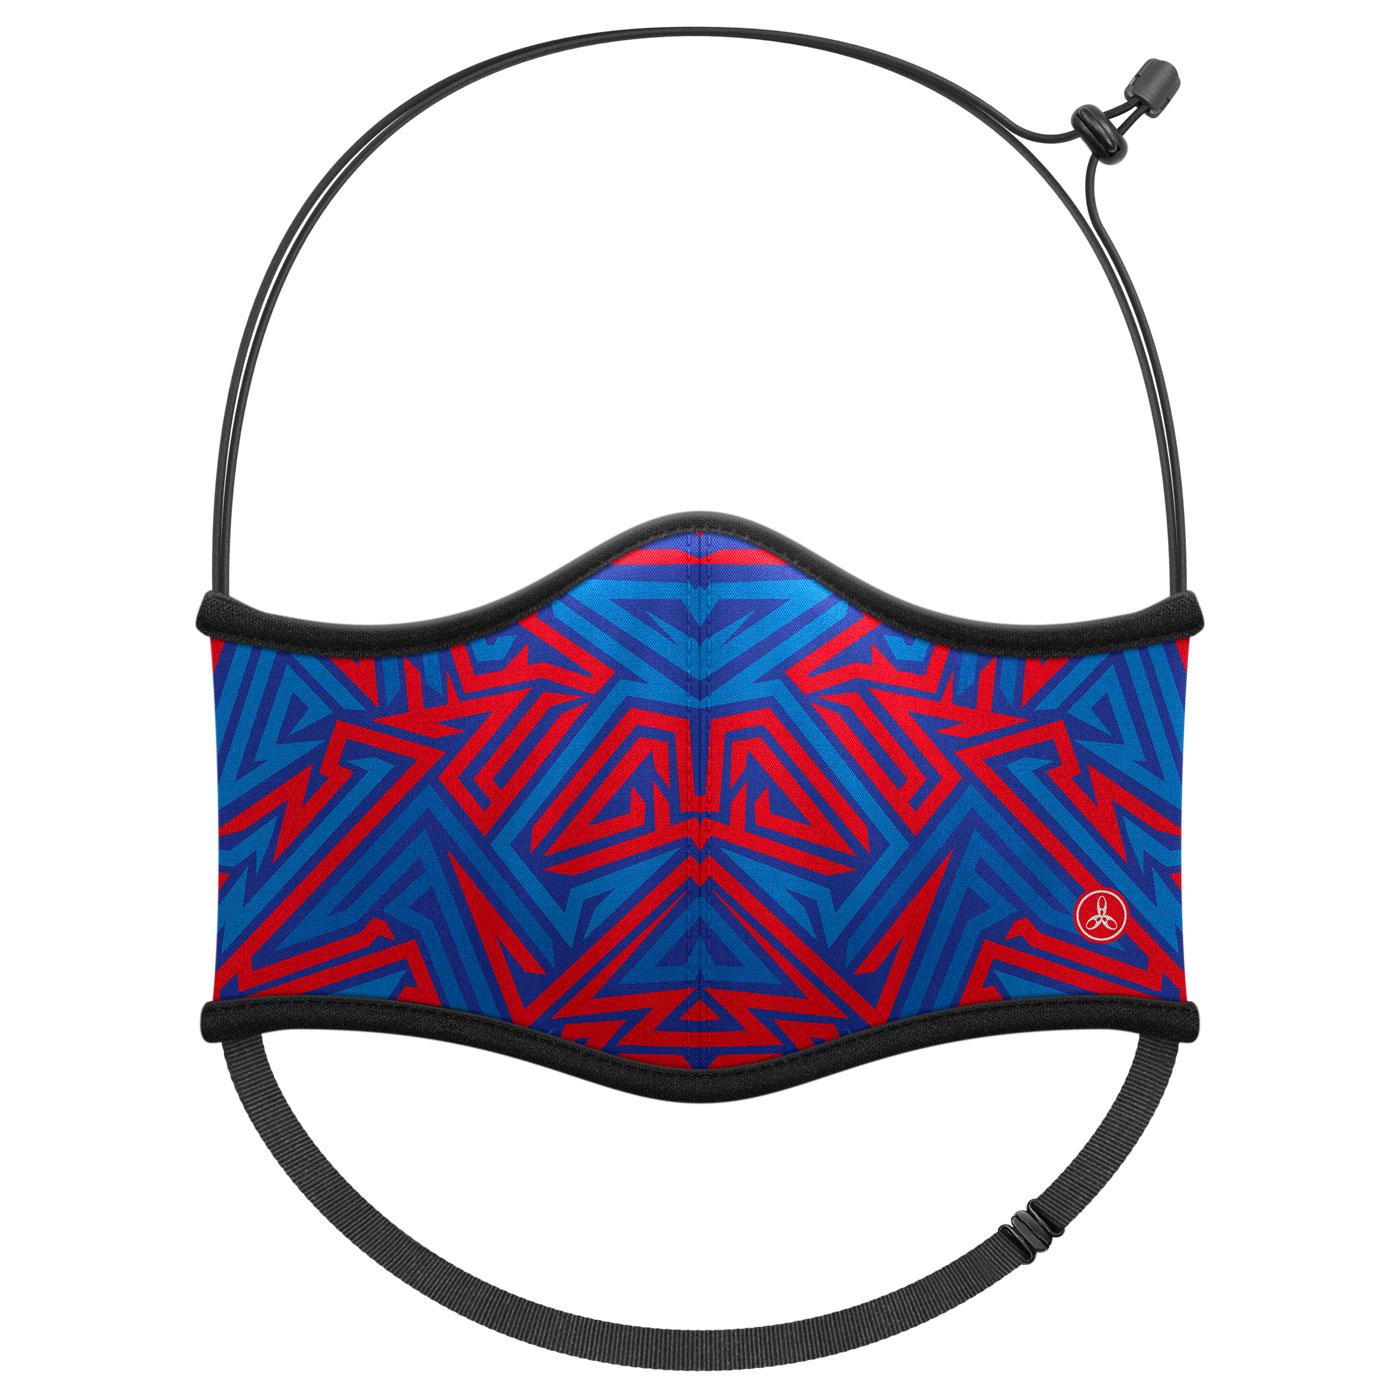 HODARLA 運動舒適口罩6032219 - 藍紅